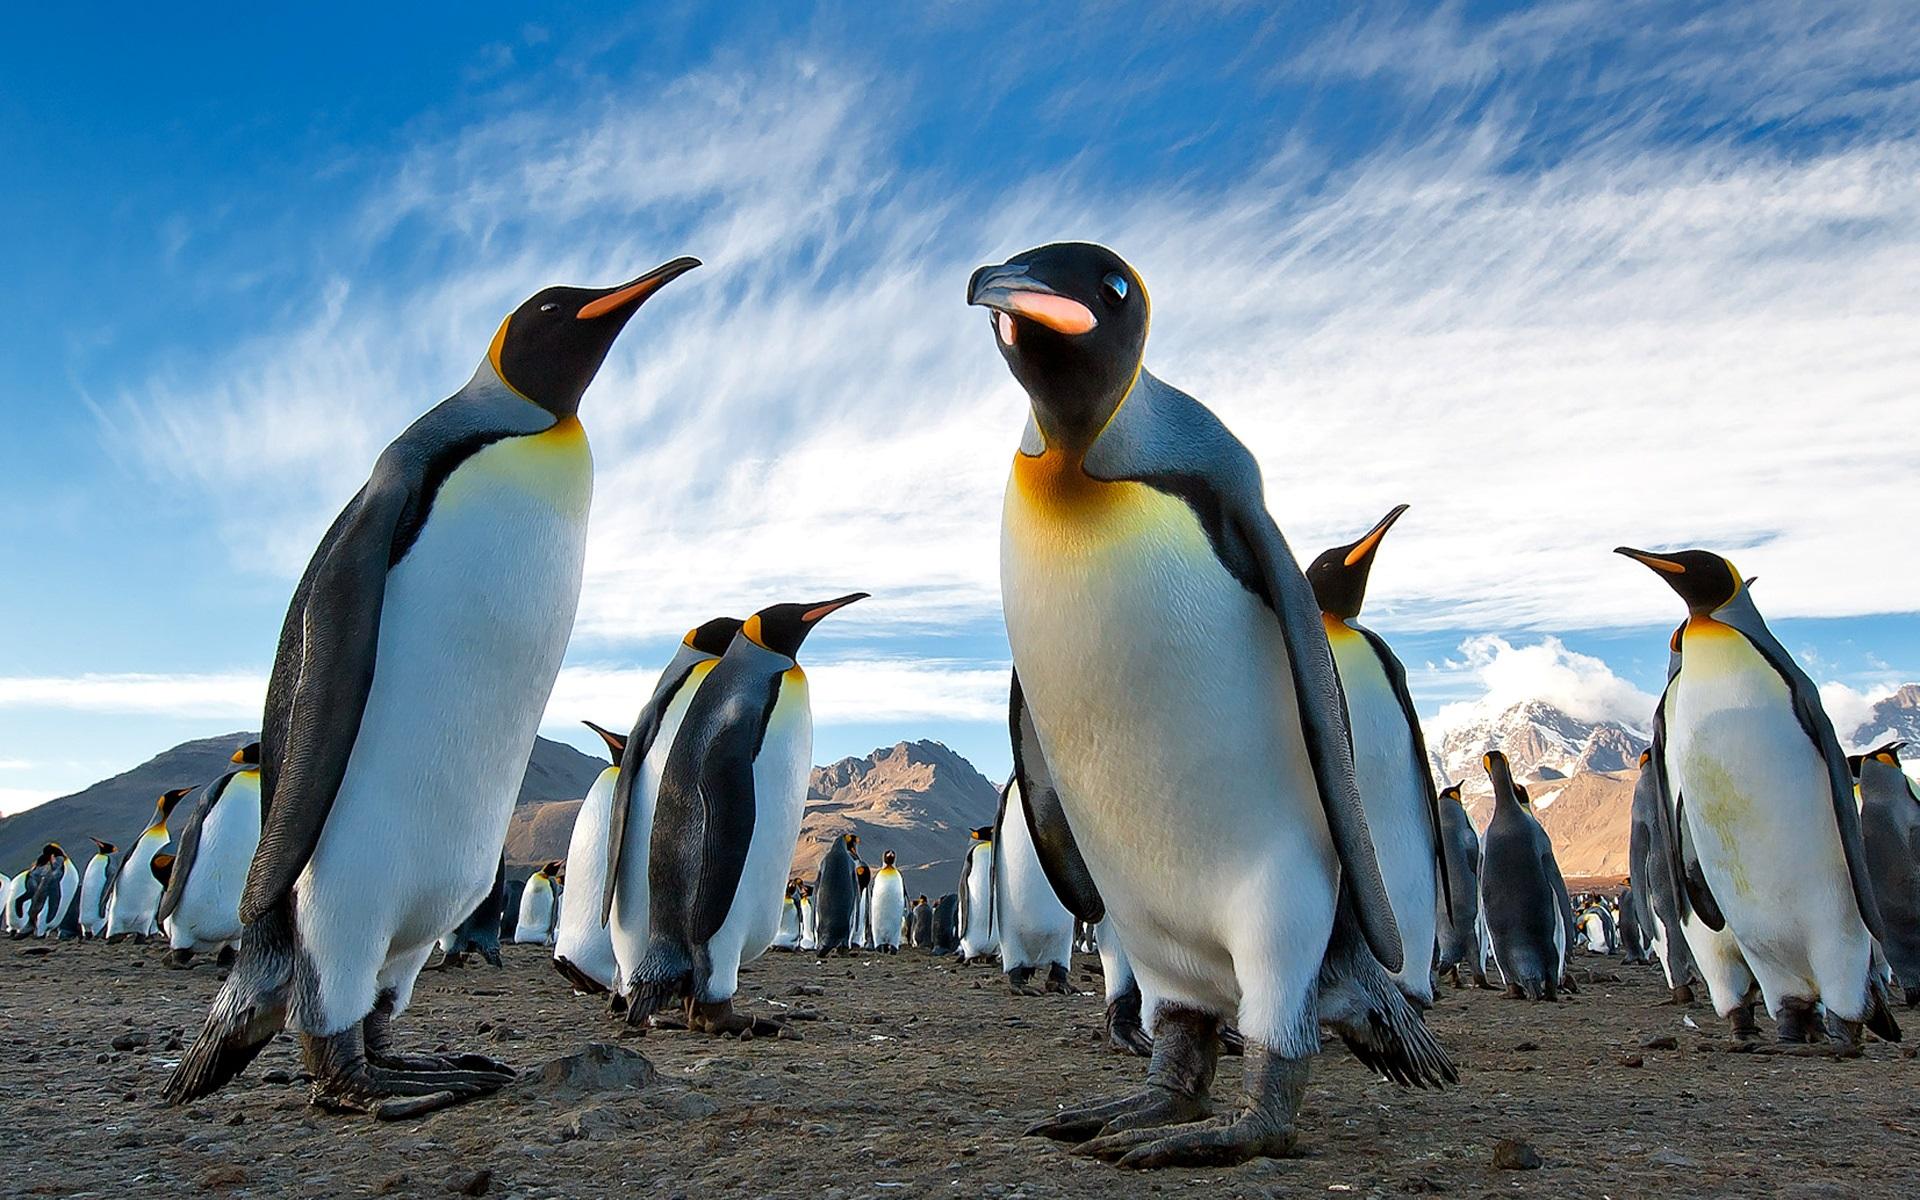 壁紙 多くのペンギン 山 空 1920x1200 Hd 無料のデスクトップの背景